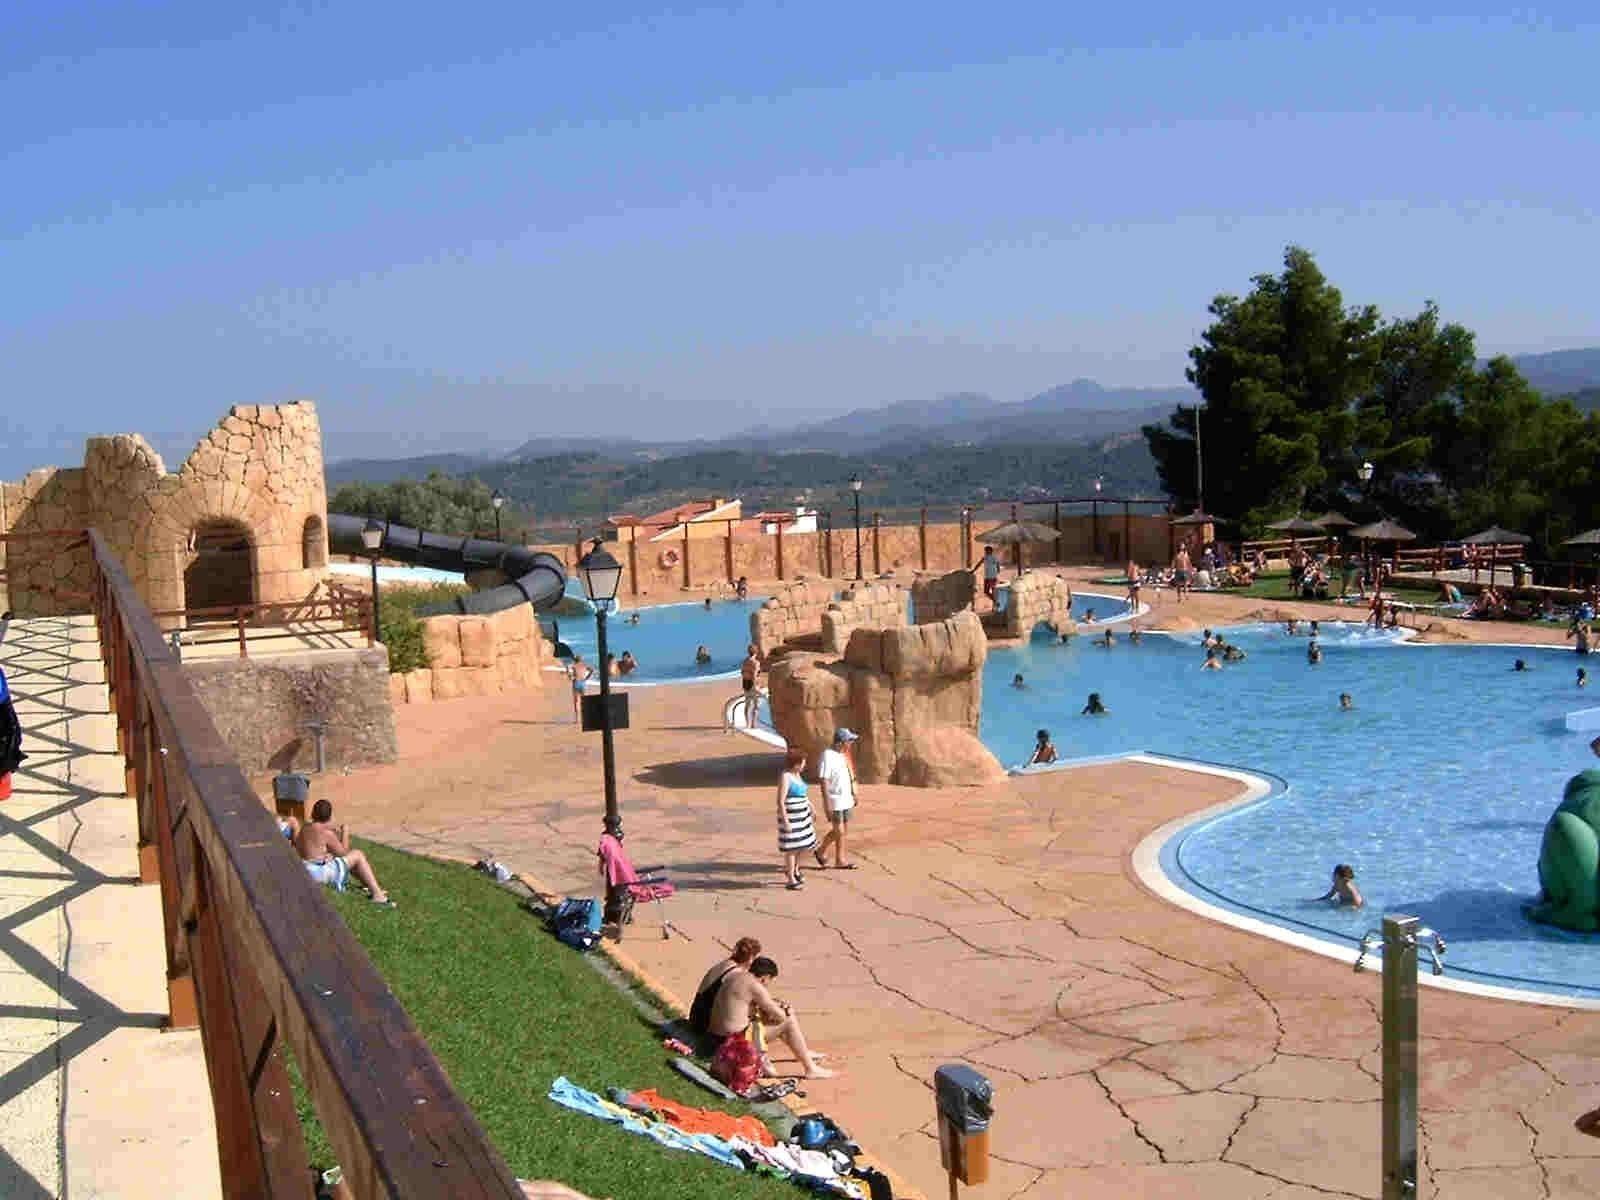 Tribuna popular de segorbe las piscinas y la for Piscinas publicas valencia